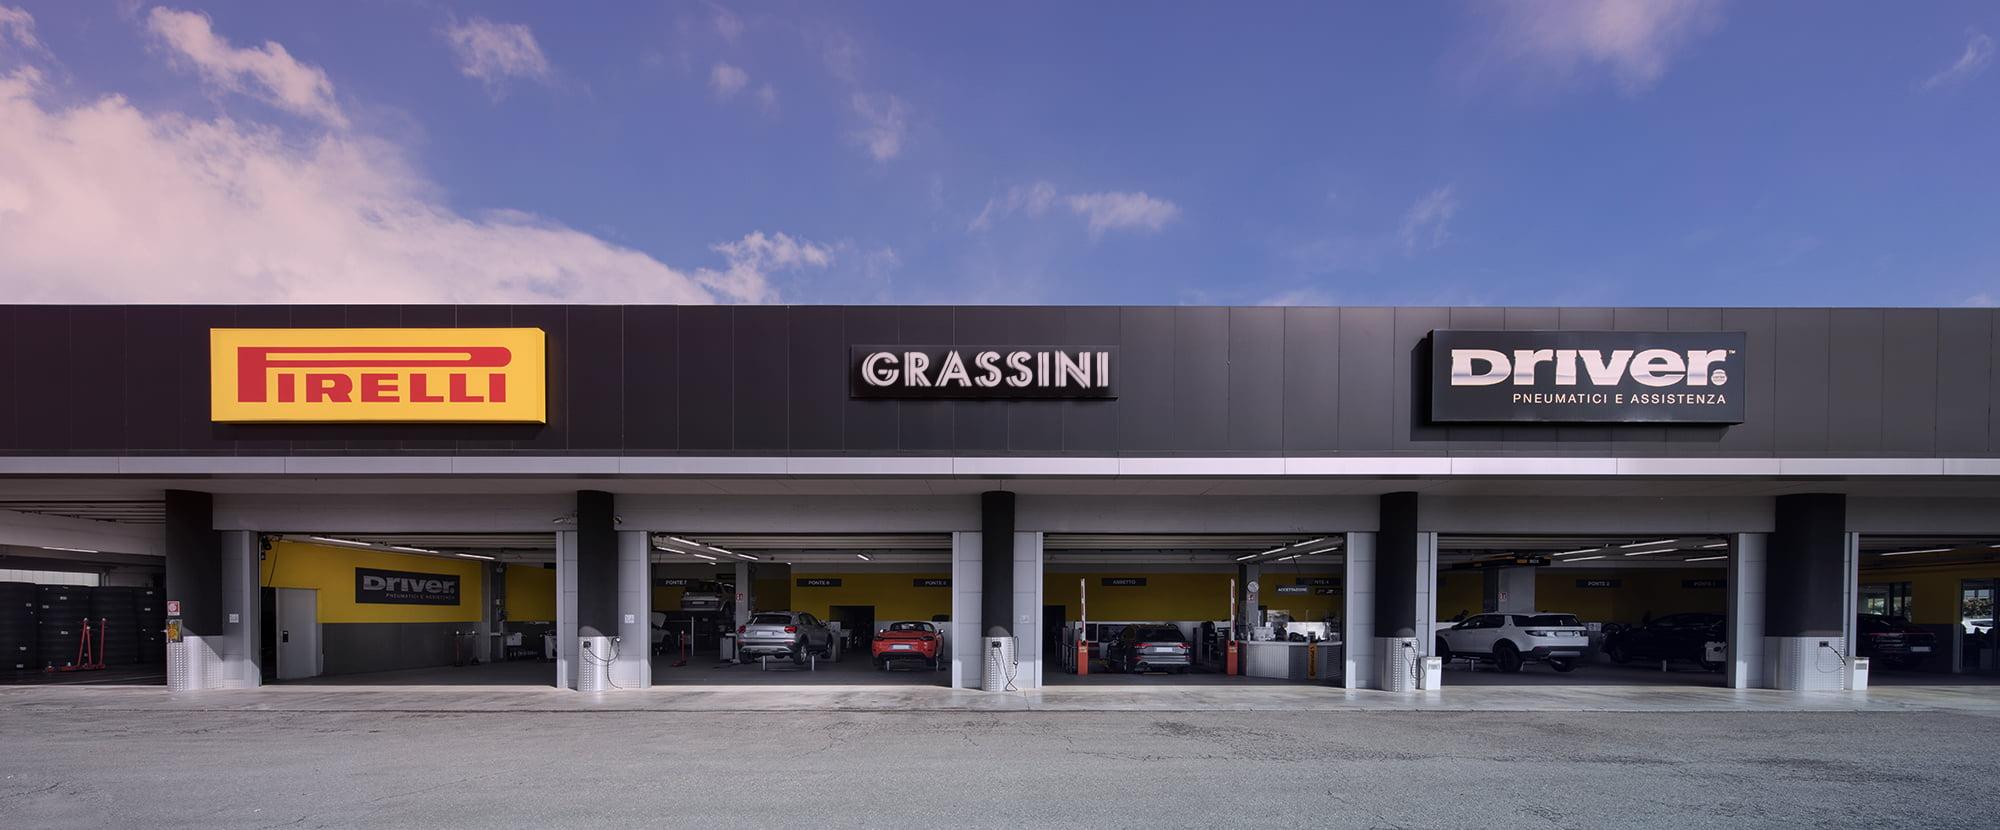 Grassini_esterno_3.jpg